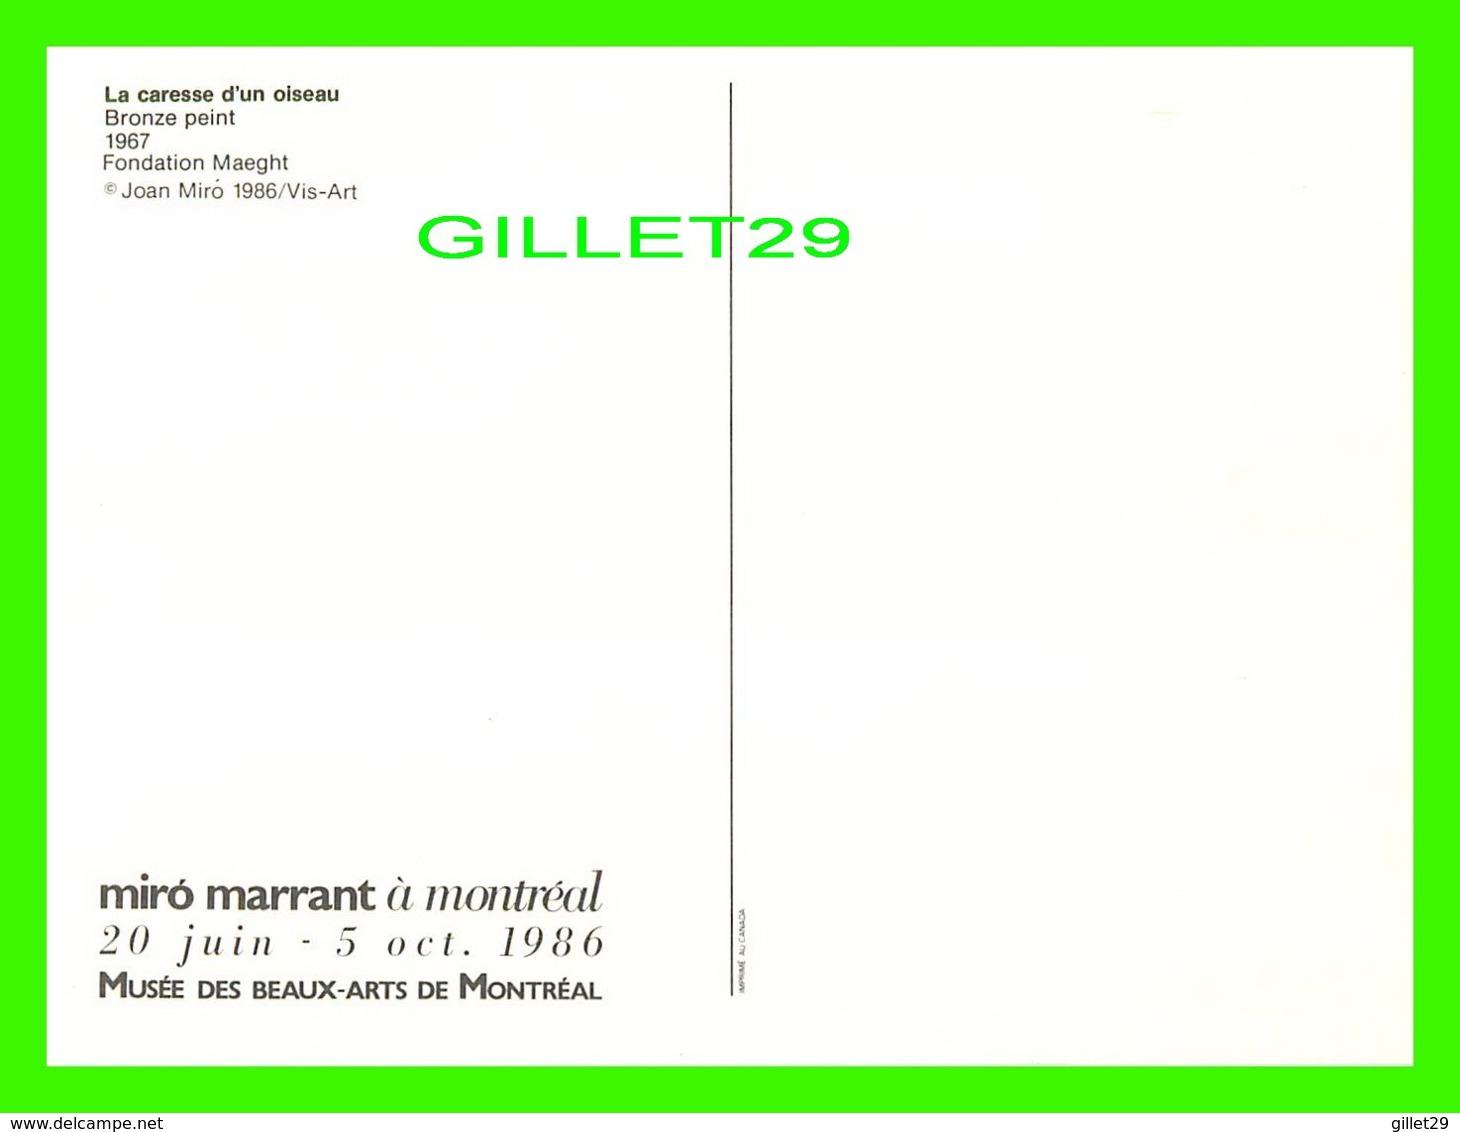 PUBLICITÉ - MIRO MARRANT À MONTRÉAL EN 1986, MUSÉE DES BEAUX-ARTS - LA CARESSE D'UN OISEAU 1967 - 12.5 X 17.5 Cm - Publicité